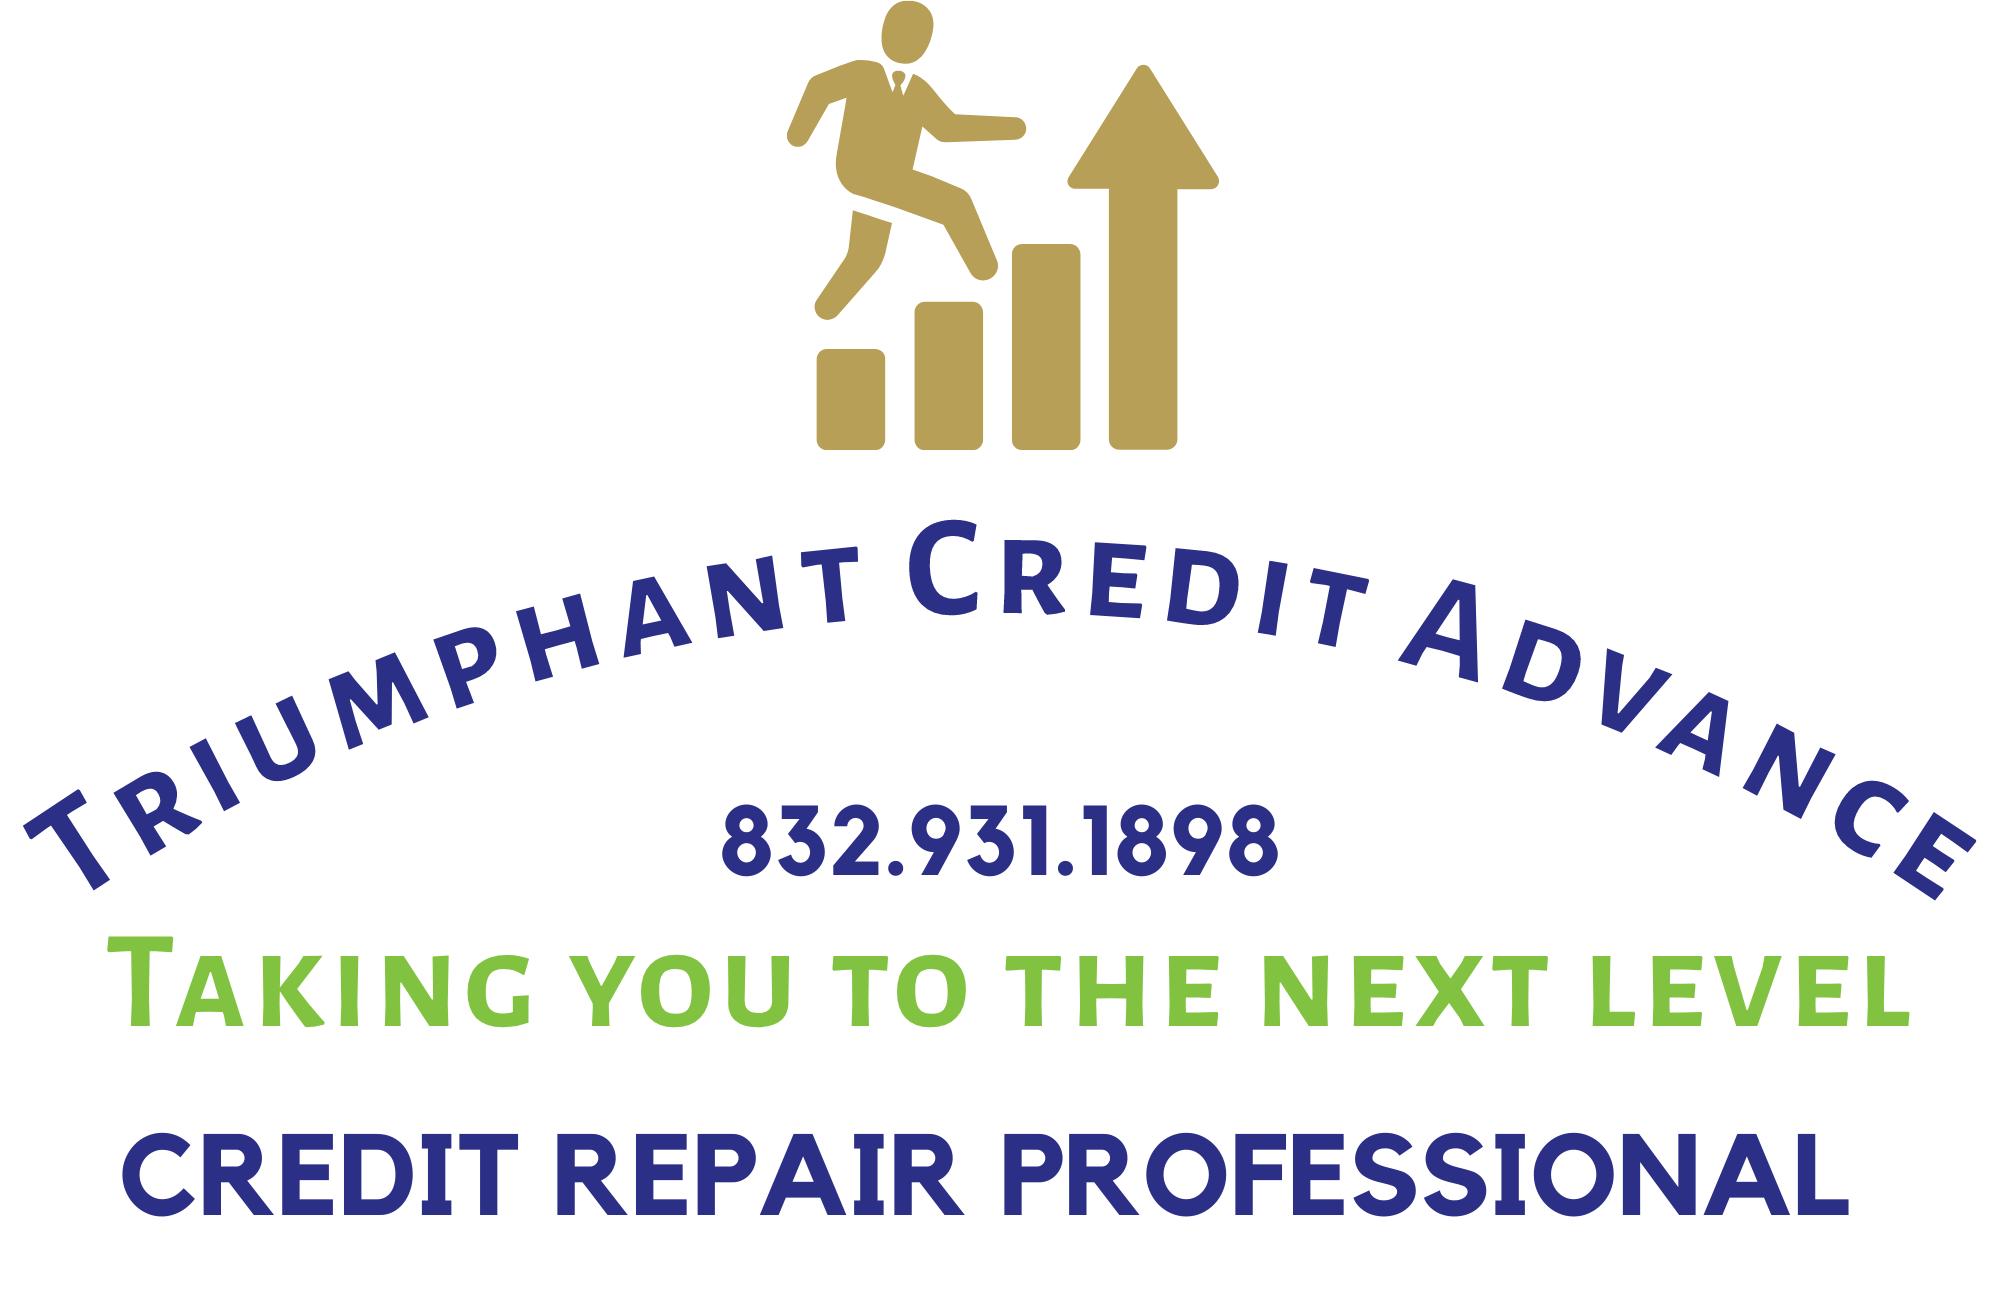 Triumphant Credit Advance - Credit Repair